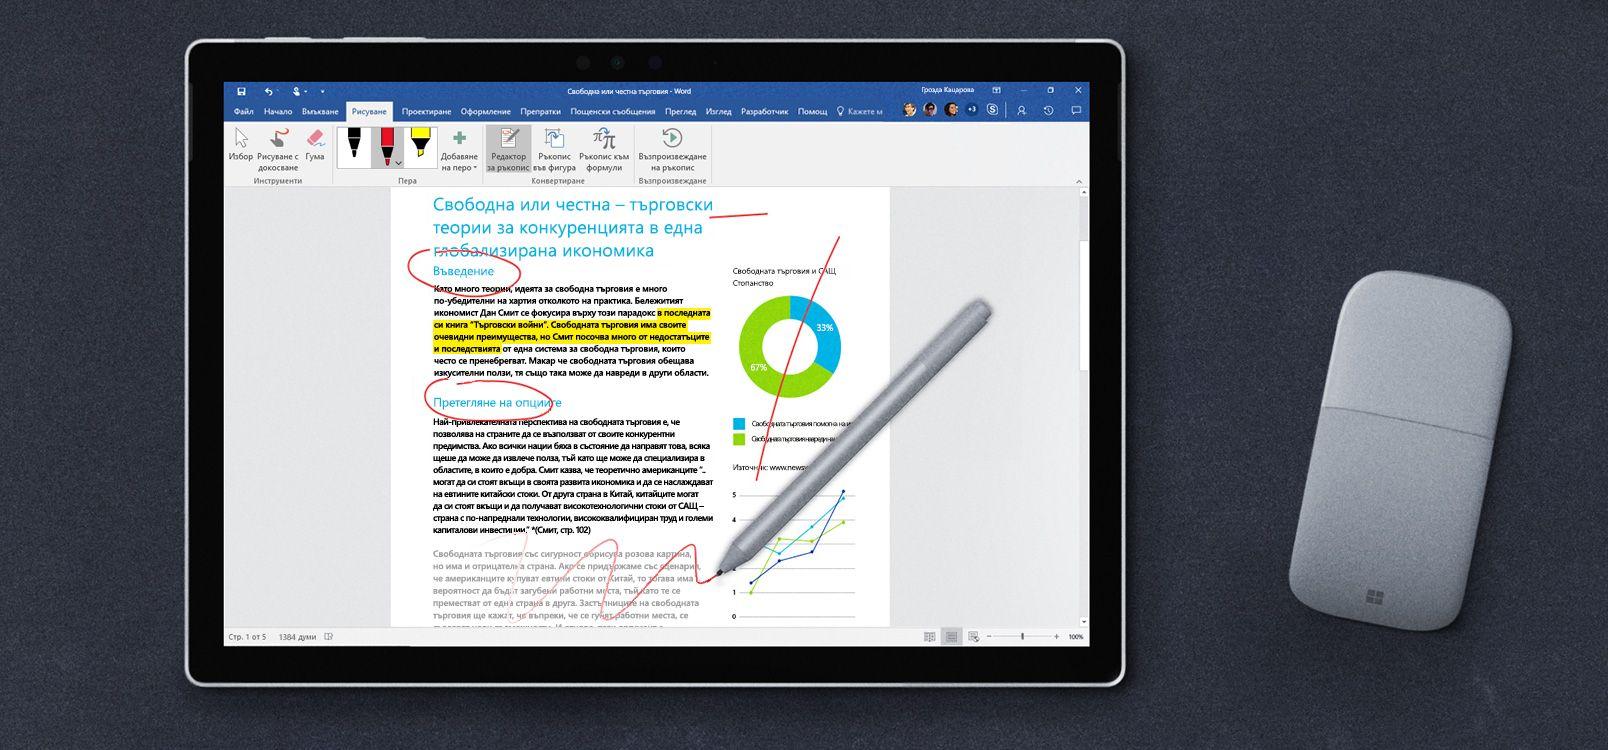 Екран на таблет, показващ редактора на ръкопис